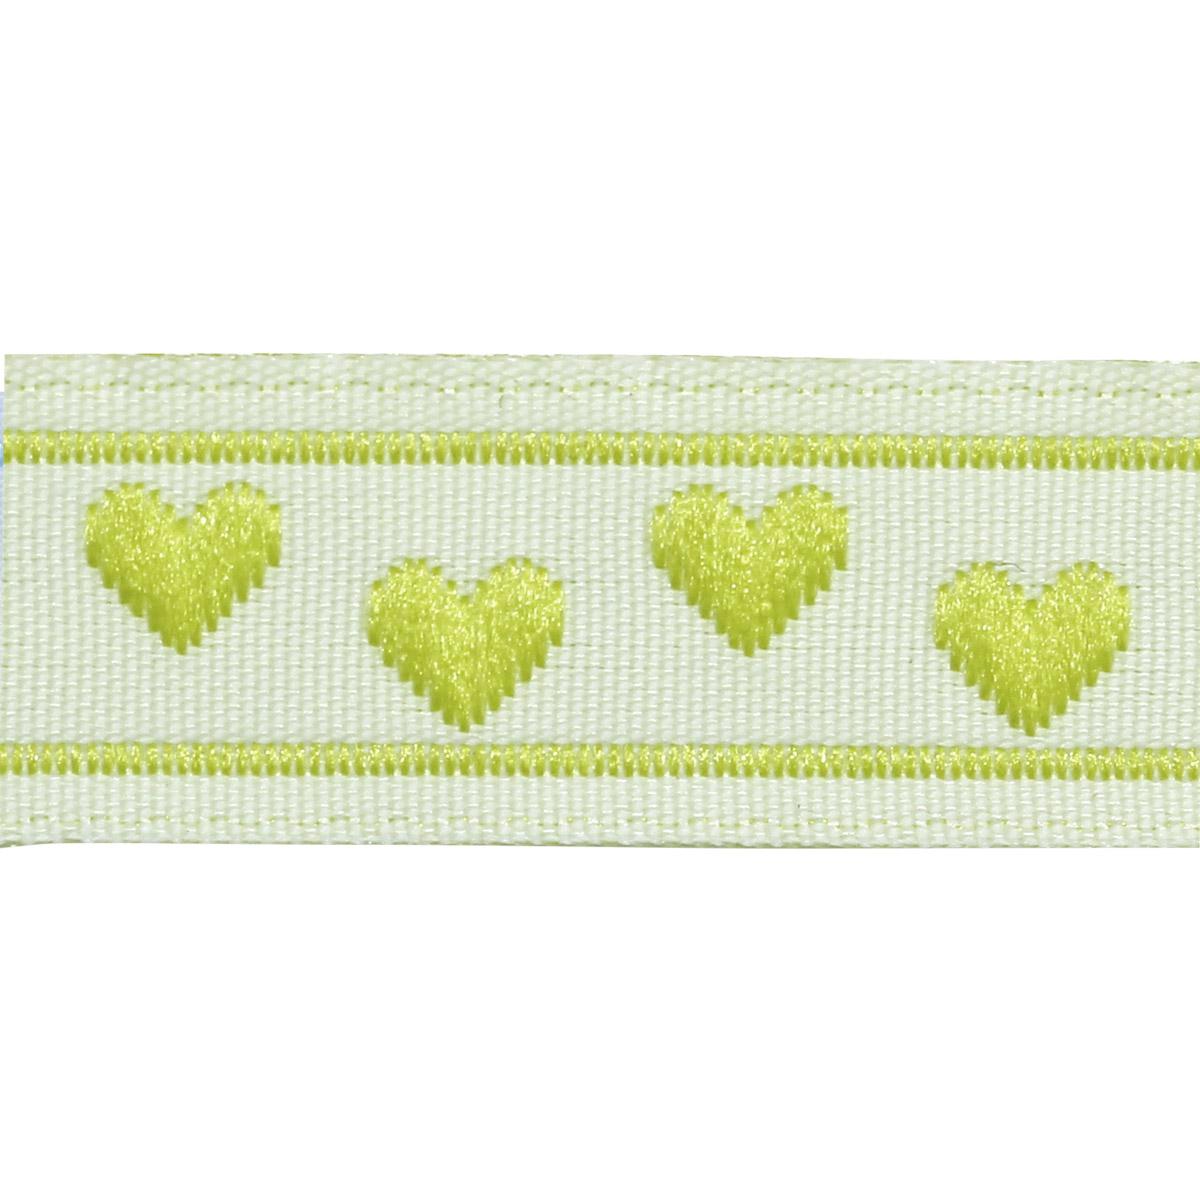 05-03504/11 Тесьма жаккардовая 11мм салат 'сердечки' ГР